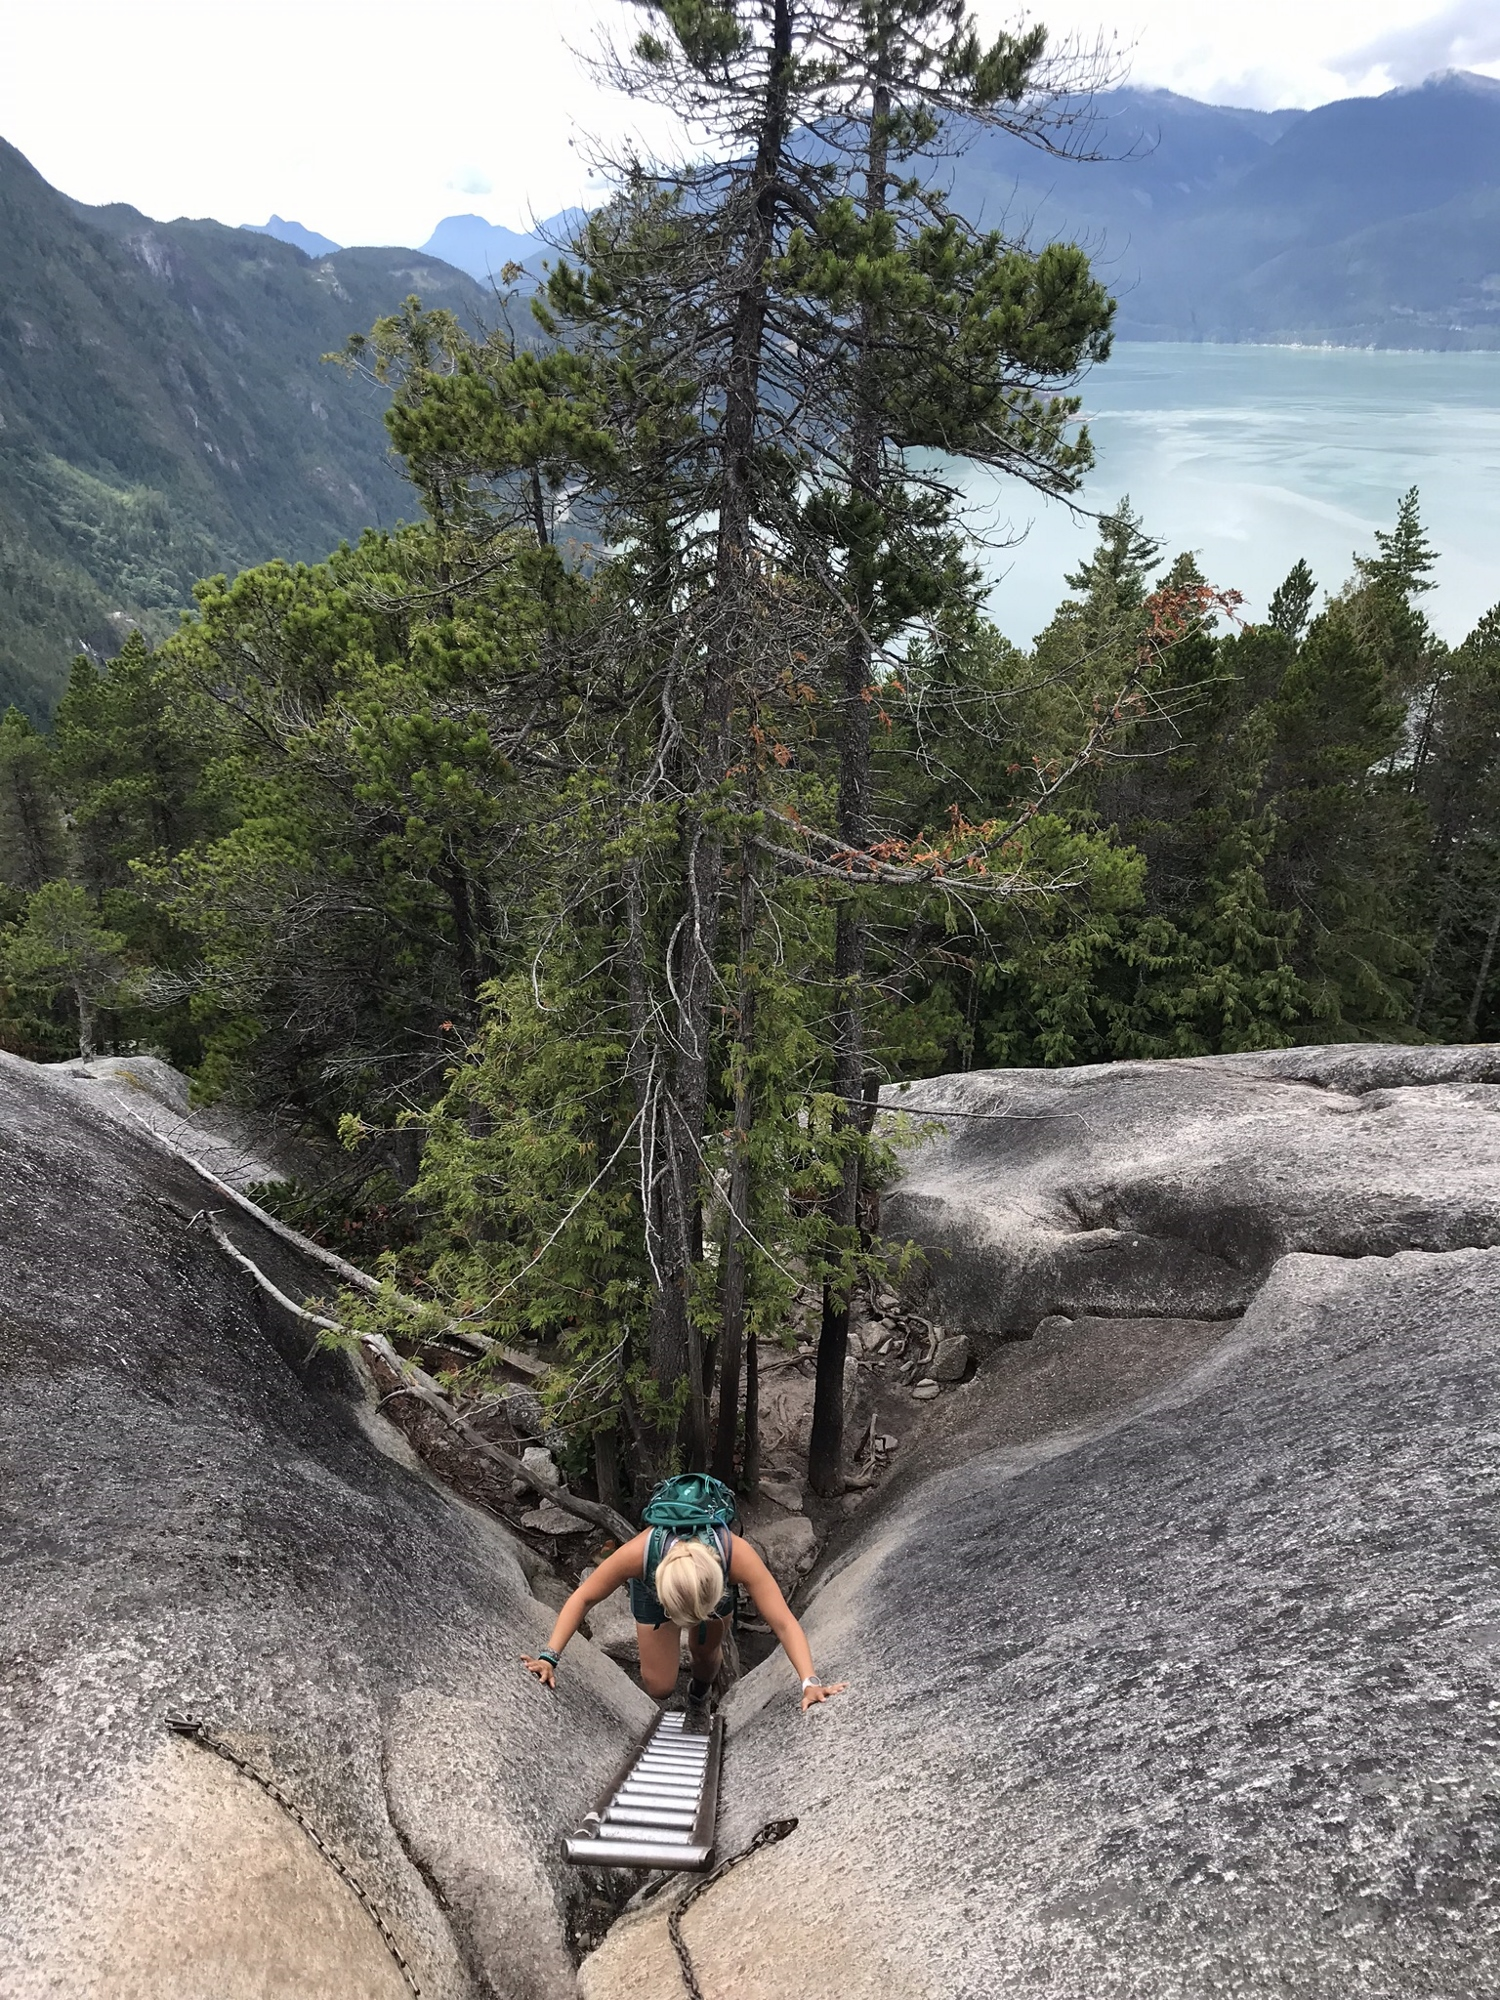 An adventurous trail